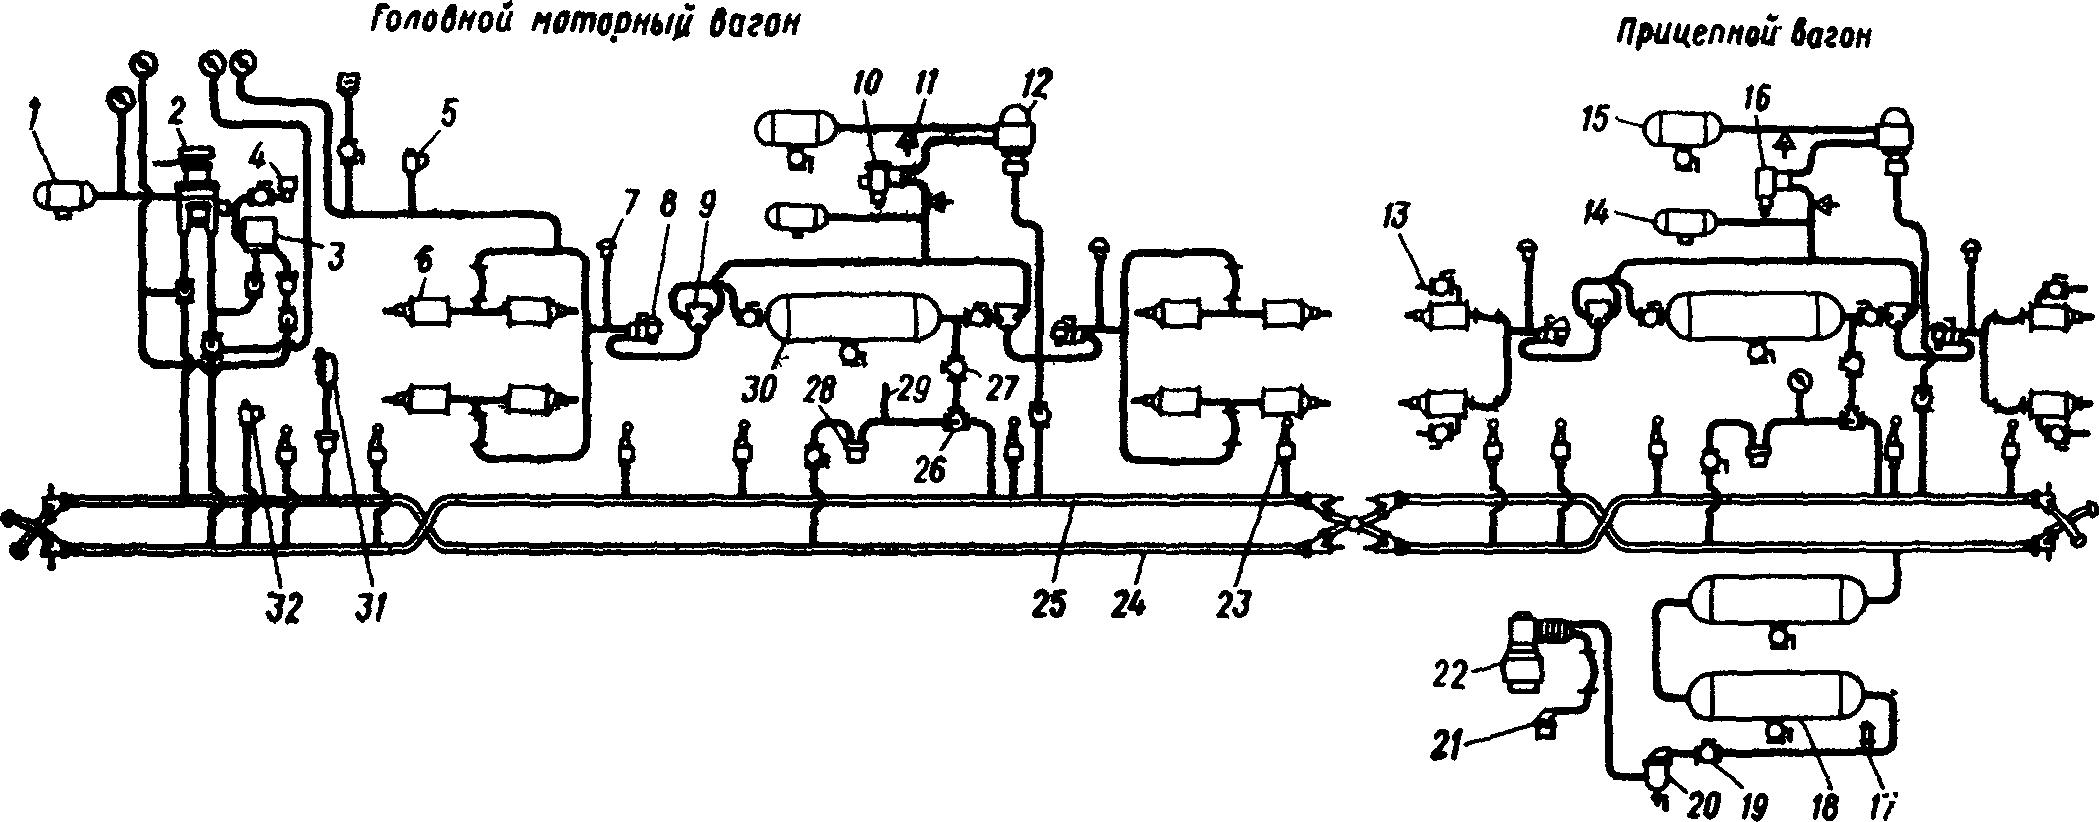 пневматическая схема локомотива 2тэ10м